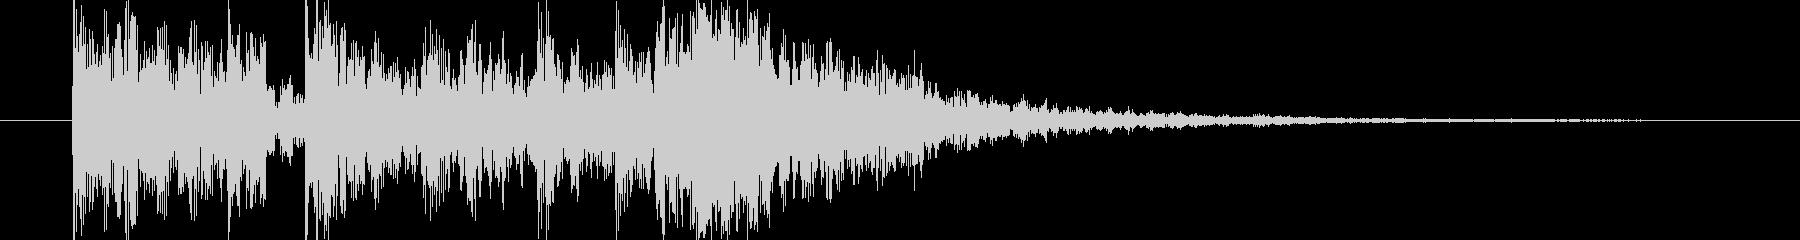 短い和風の効果音 3の未再生の波形